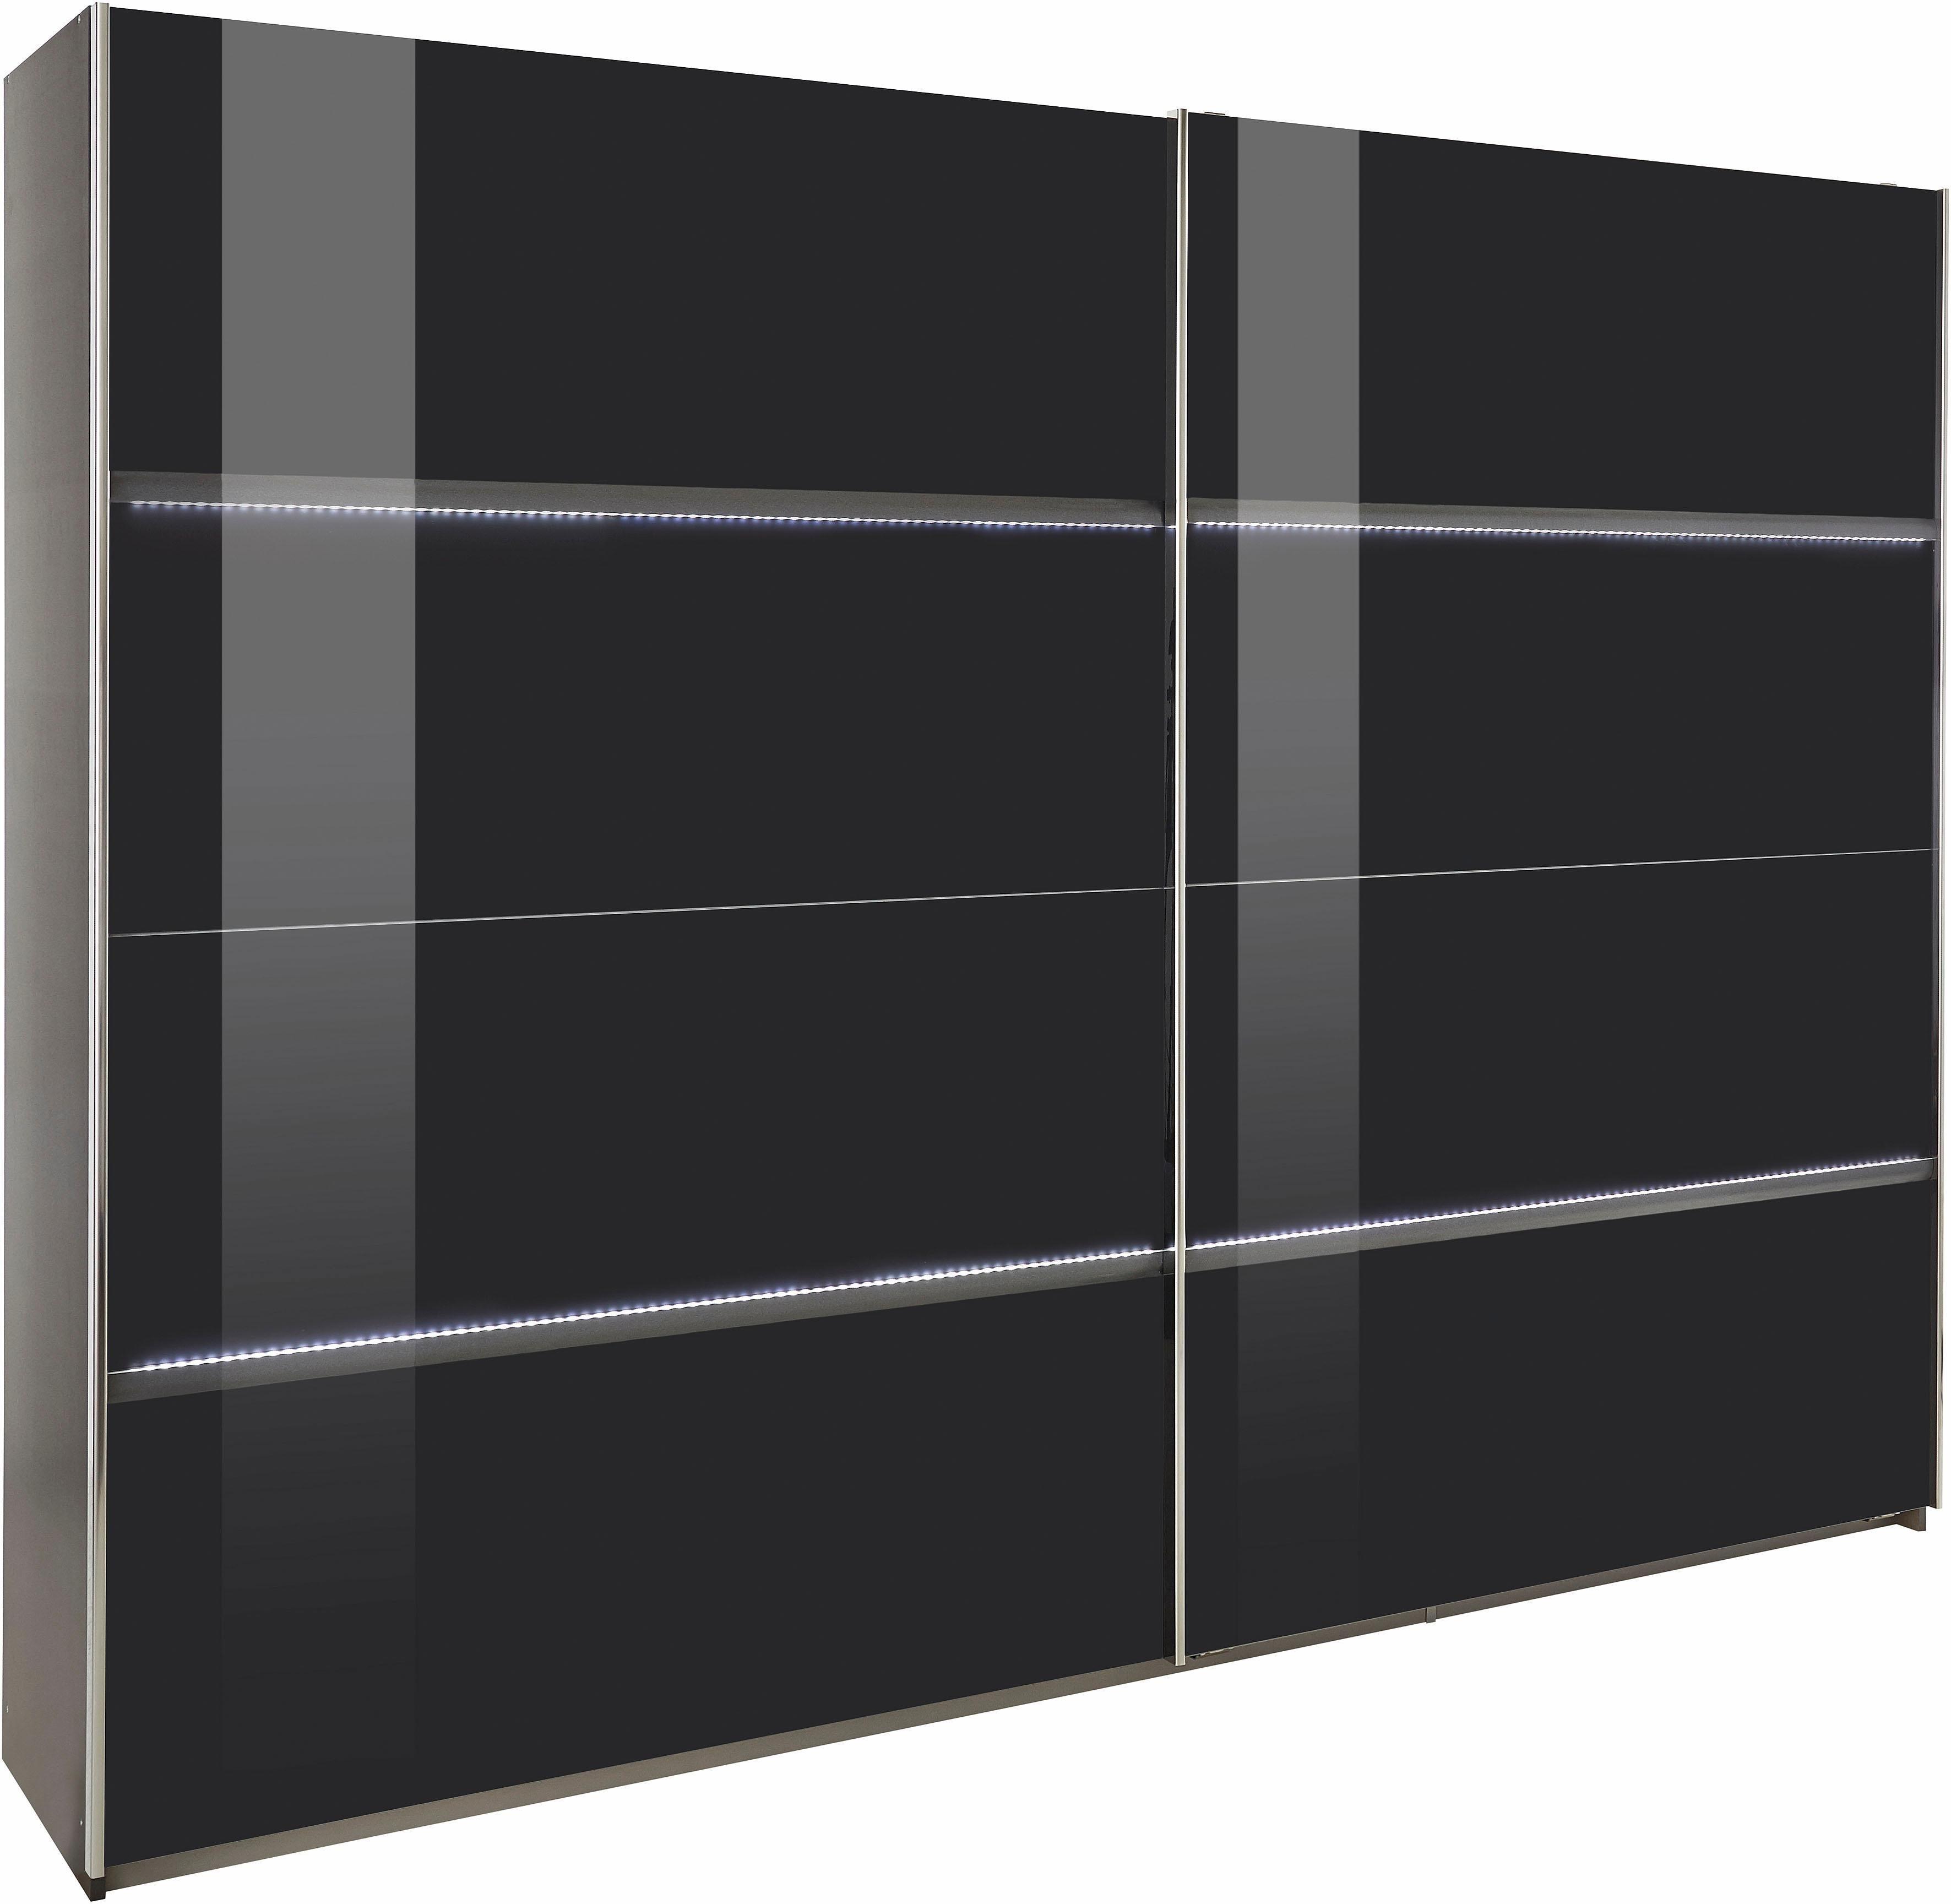 rauch pack s schwebet renschrank mit led beleuchtung grau online kaufen bei woonio. Black Bedroom Furniture Sets. Home Design Ideas